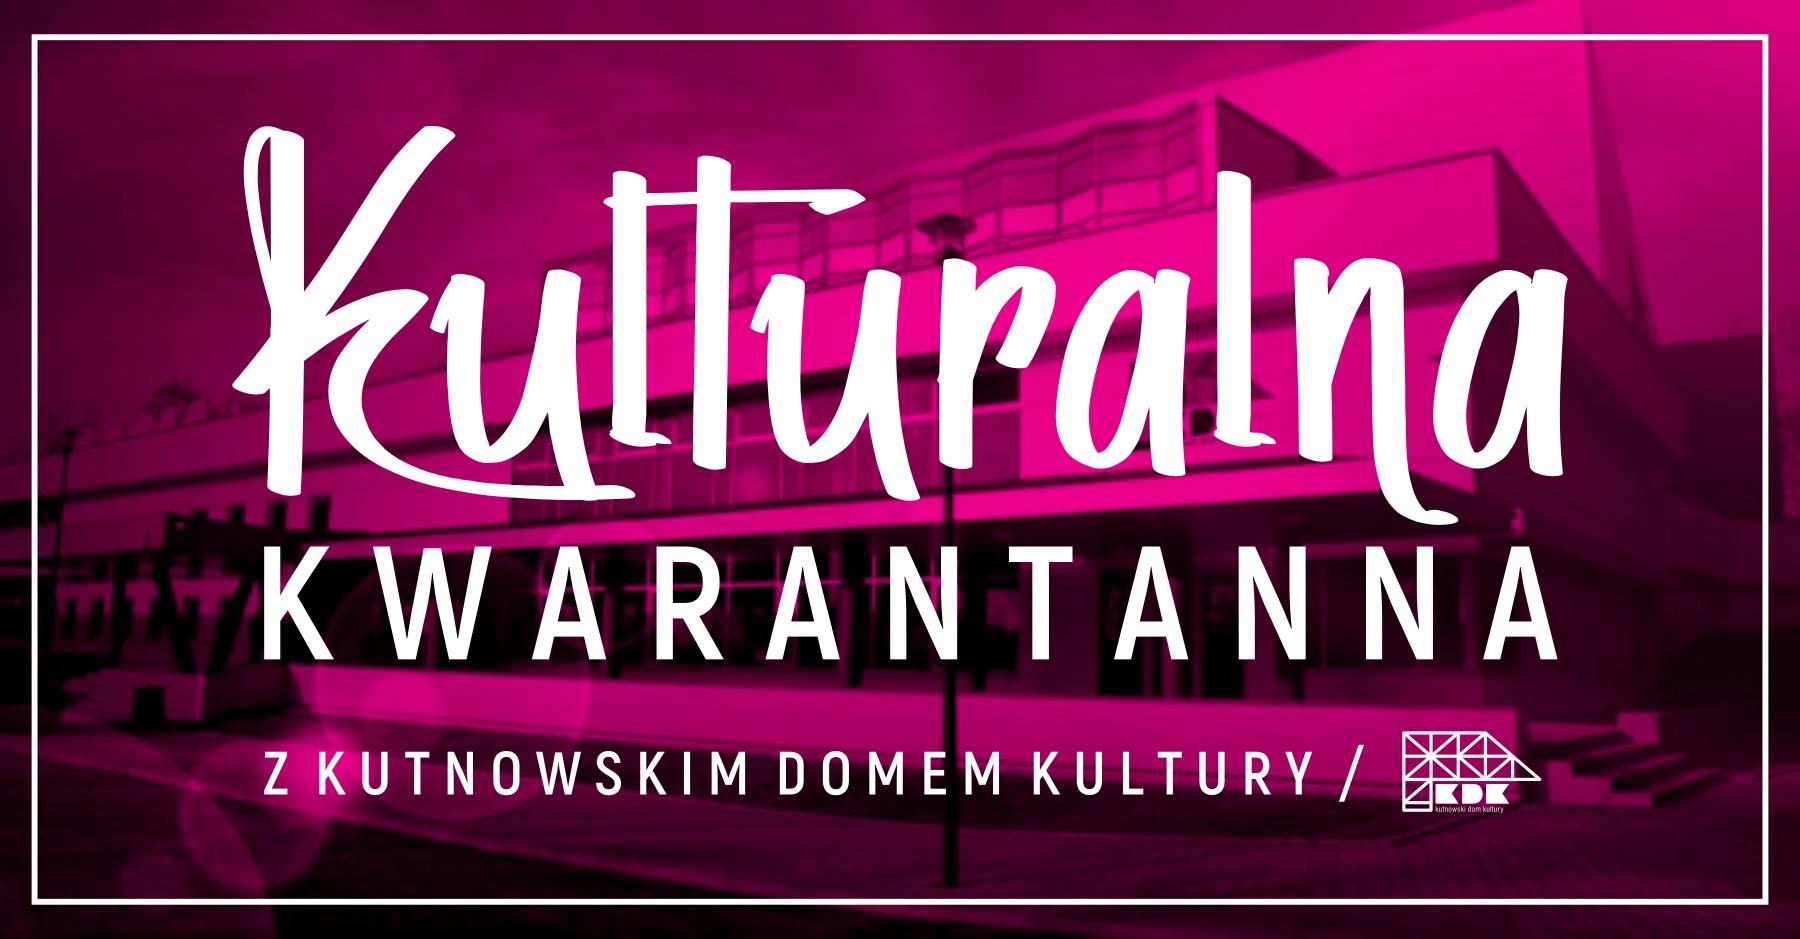 Kulturalna Kwarantanna